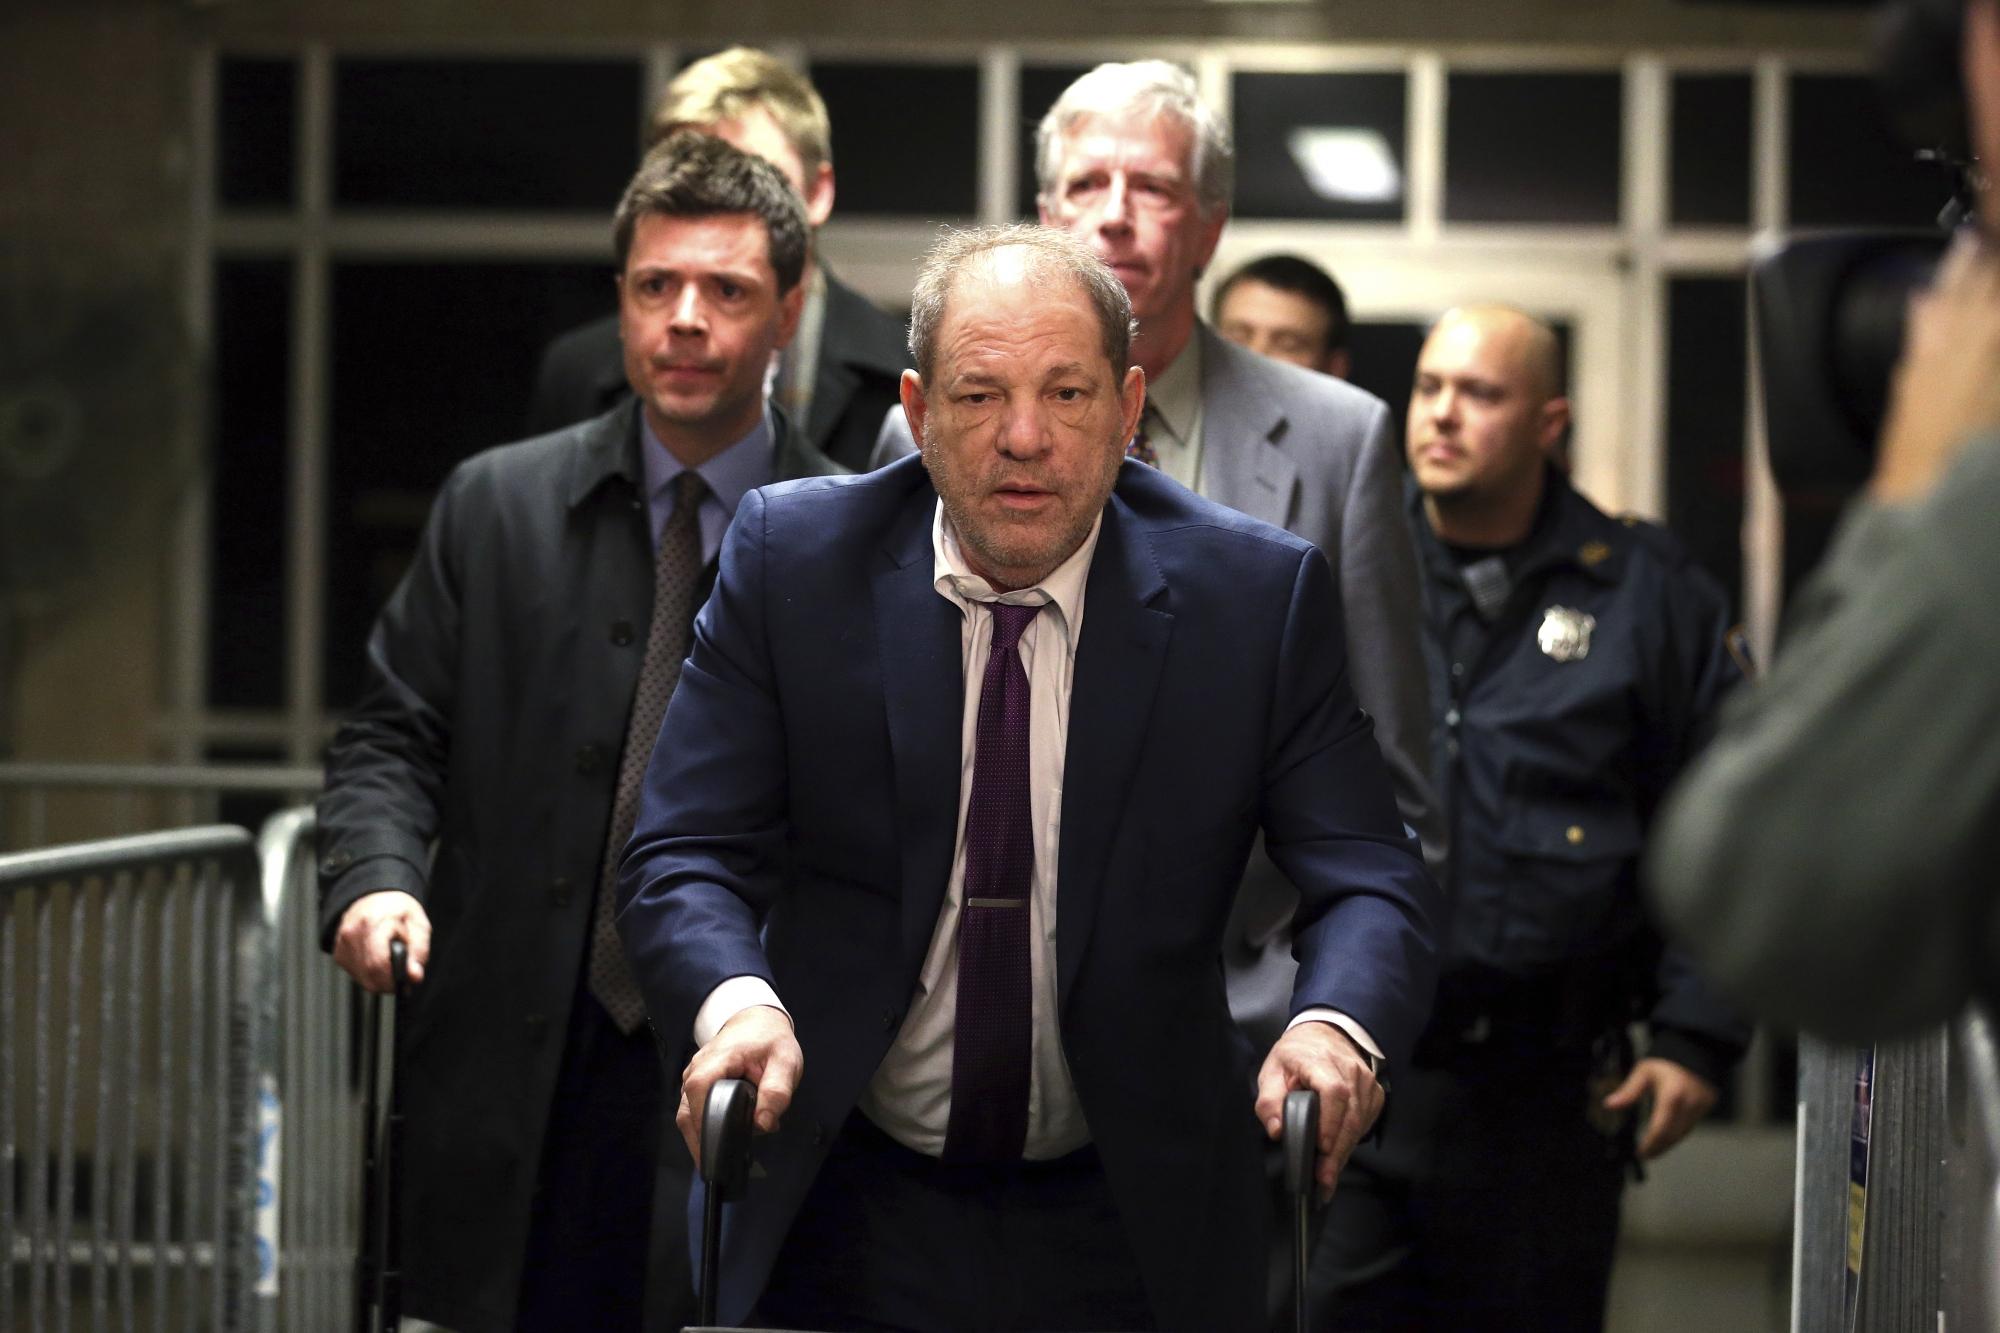 Harvey Weinstein NYC sex assault trial picks up...